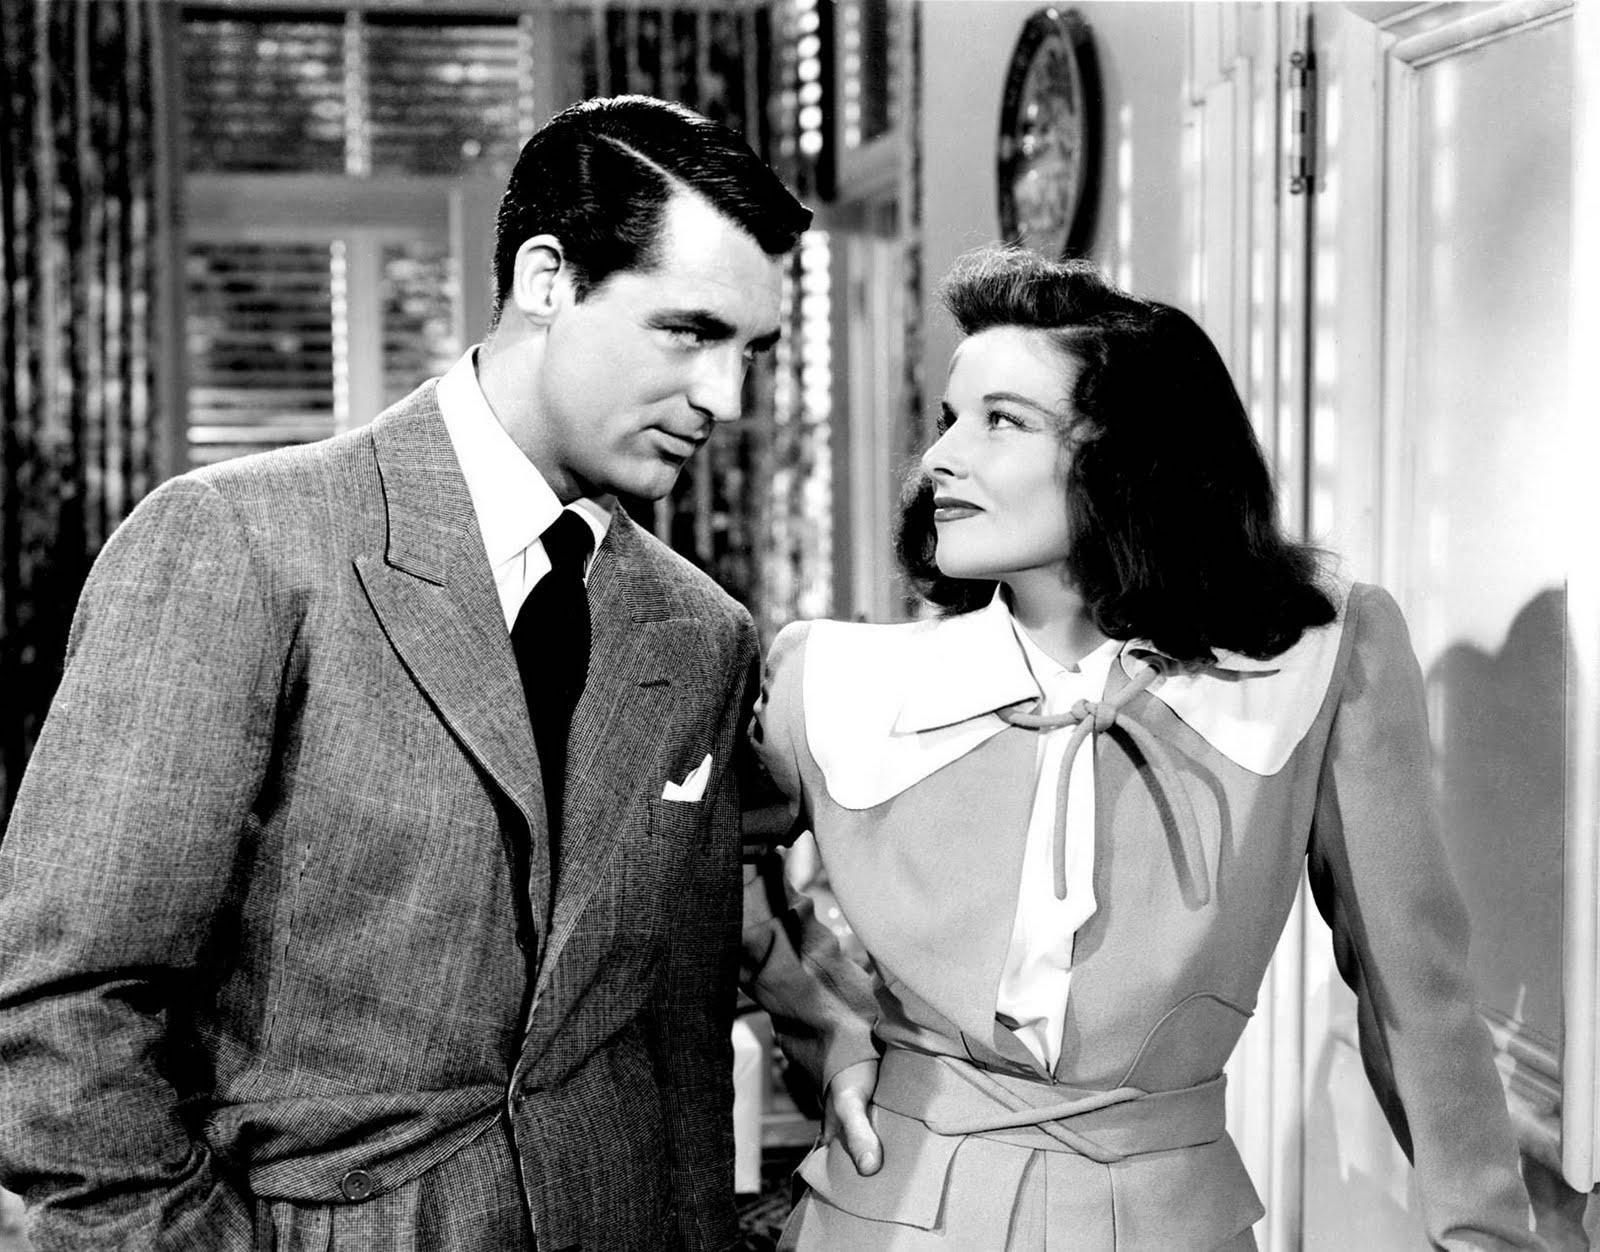 Grant-Katharine-Hepburn-The-Philadelphia-Story-1940.jpg (1600×1252)